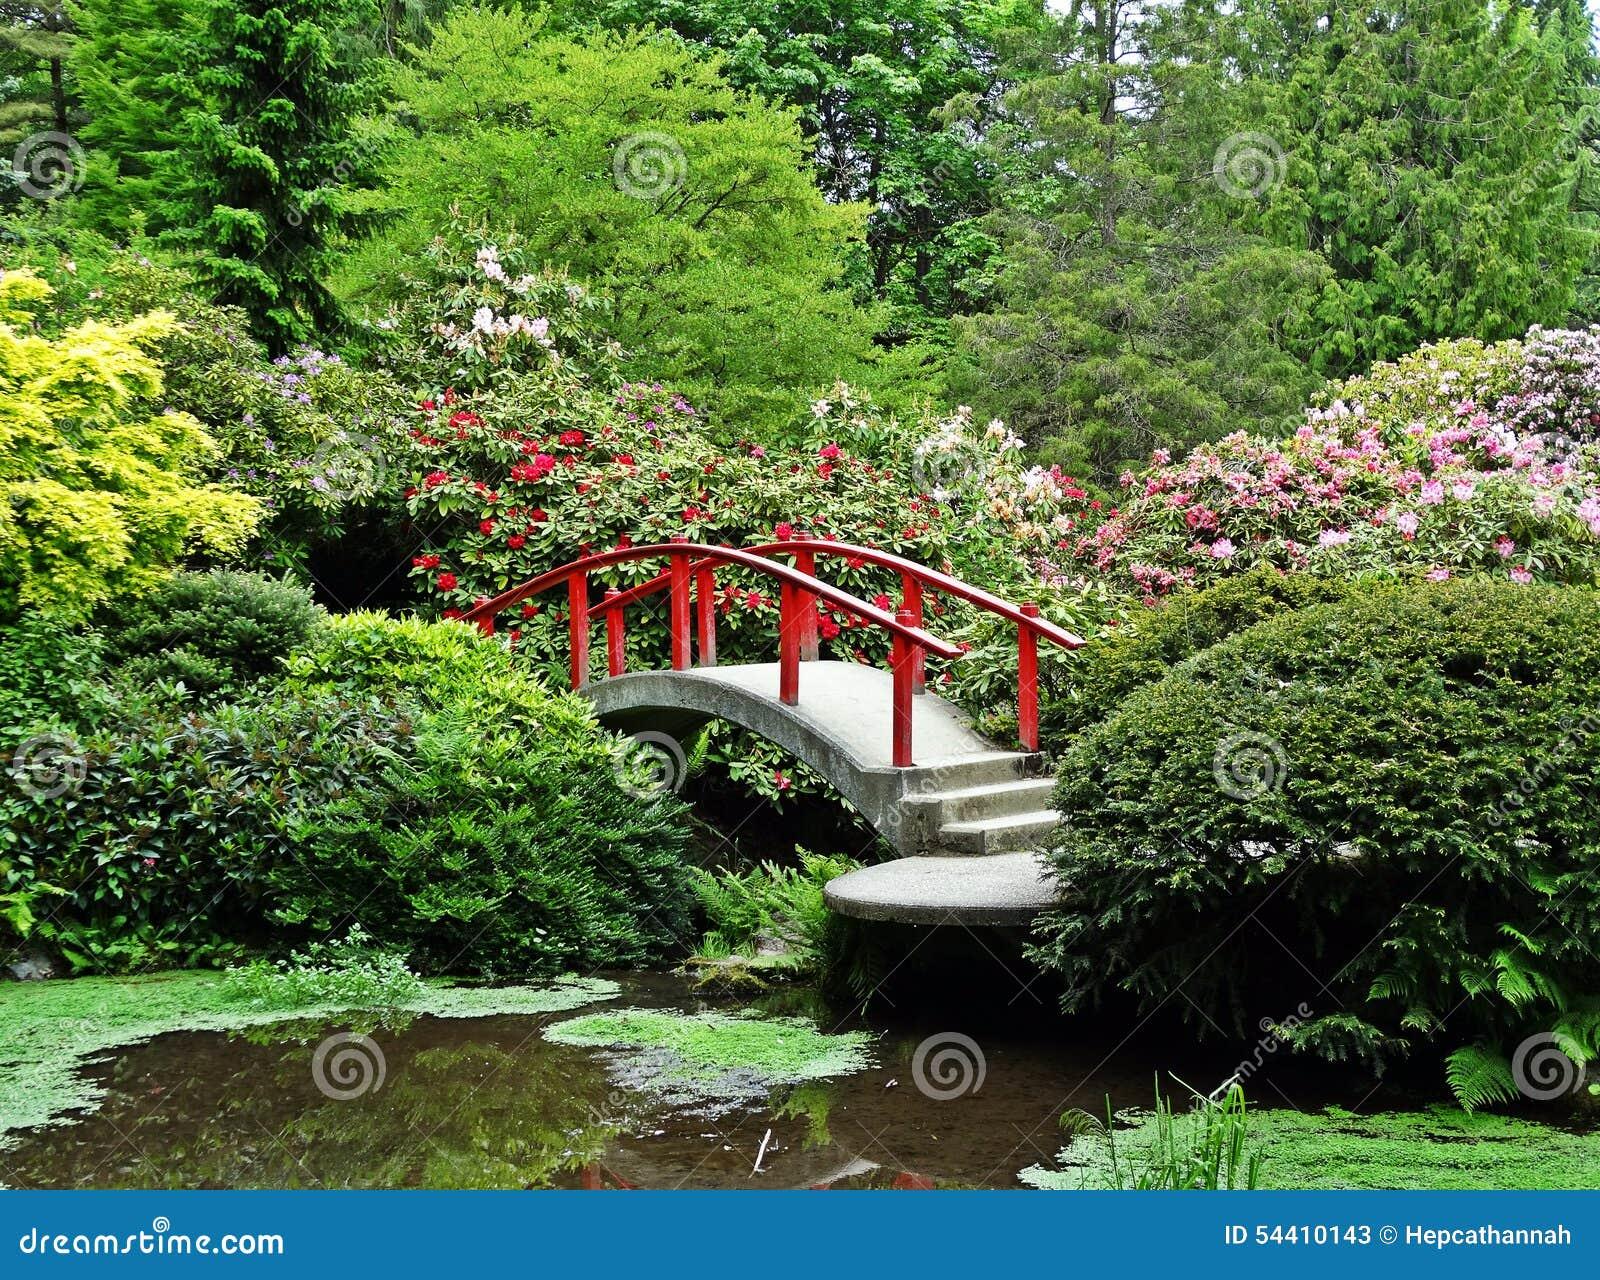 Japanischer Garten-rote Brücken-Blumen-Büsche Stockbild - Bild von ...